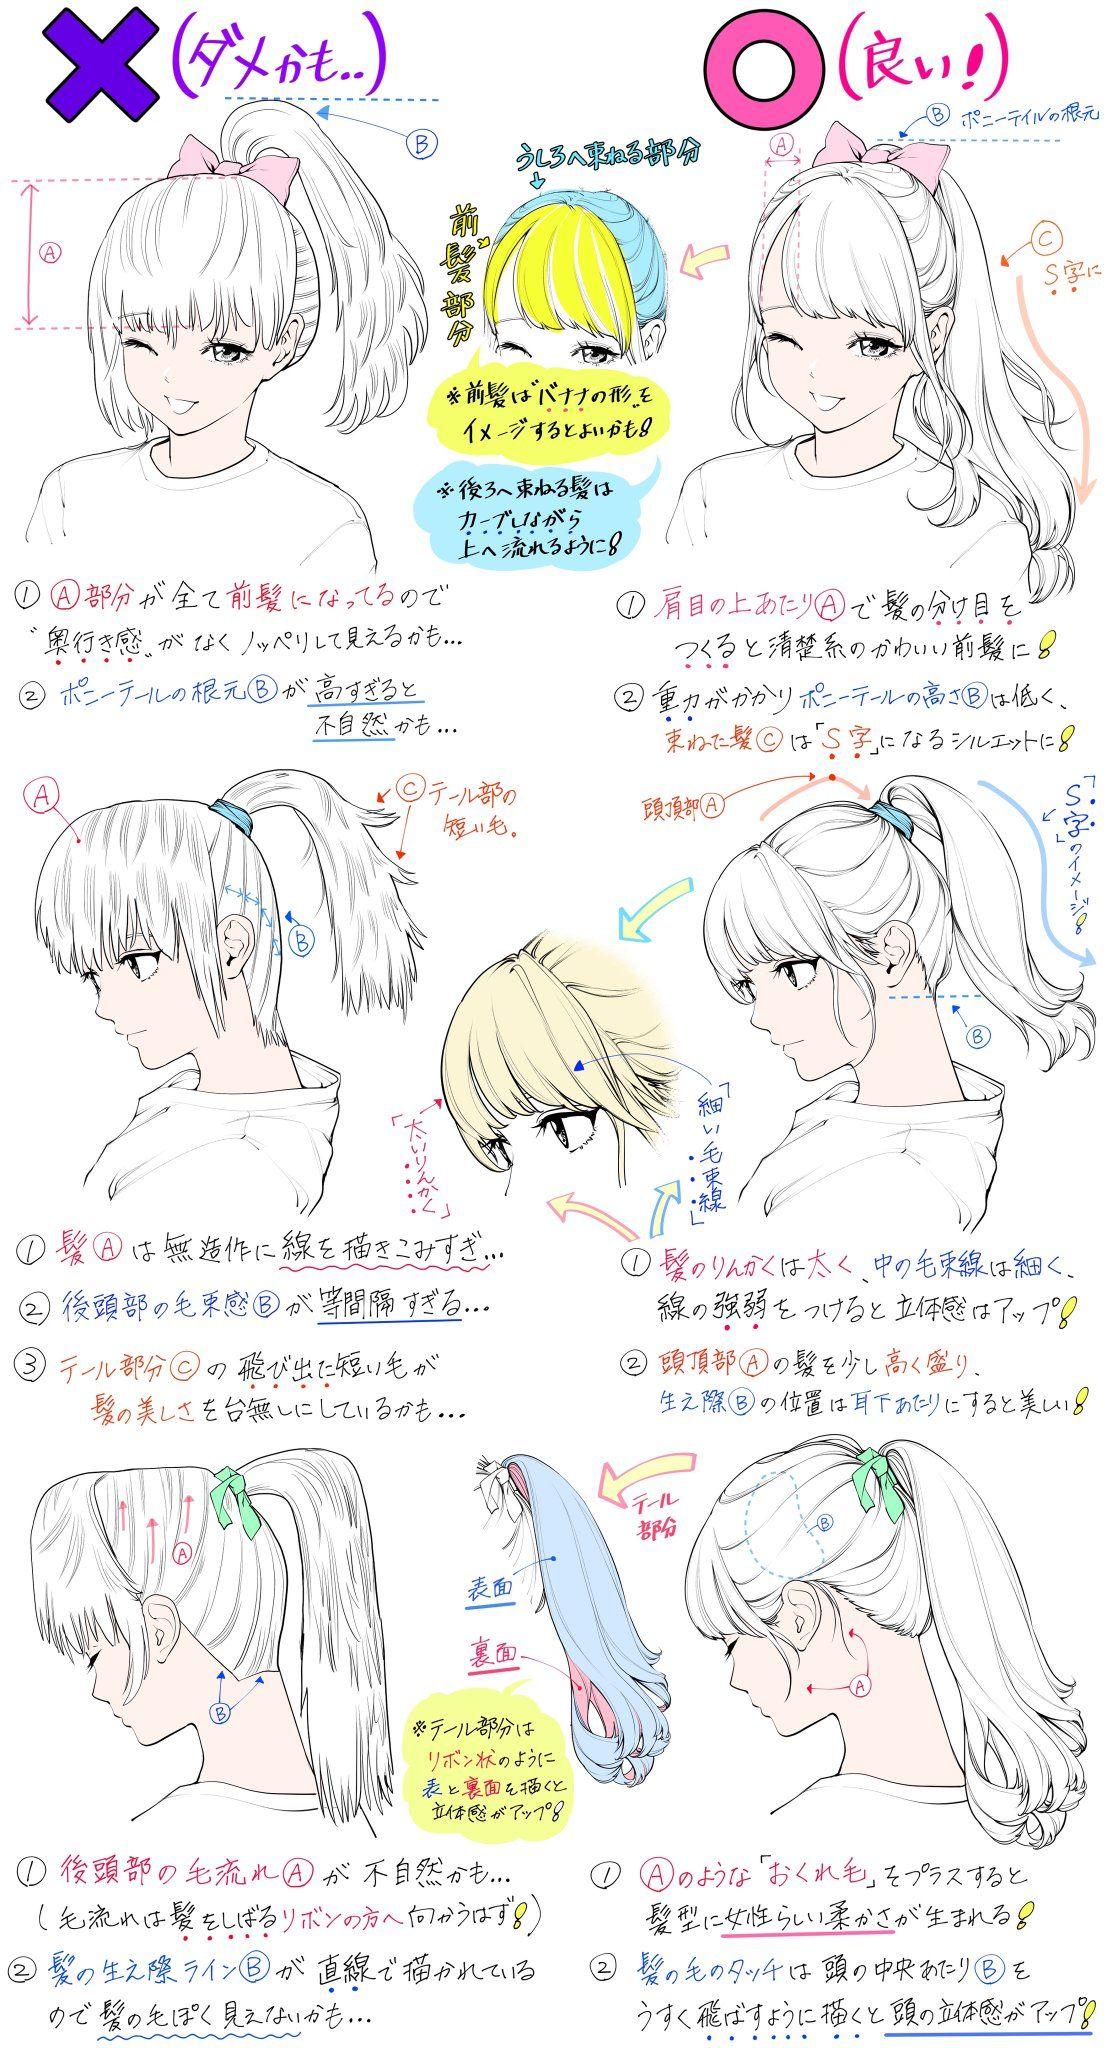 吉村拓也 イラスト講座 On Twitter In 2021 Anime Art Tutorial Anime Drawings Tutorials Drawing Tutorial